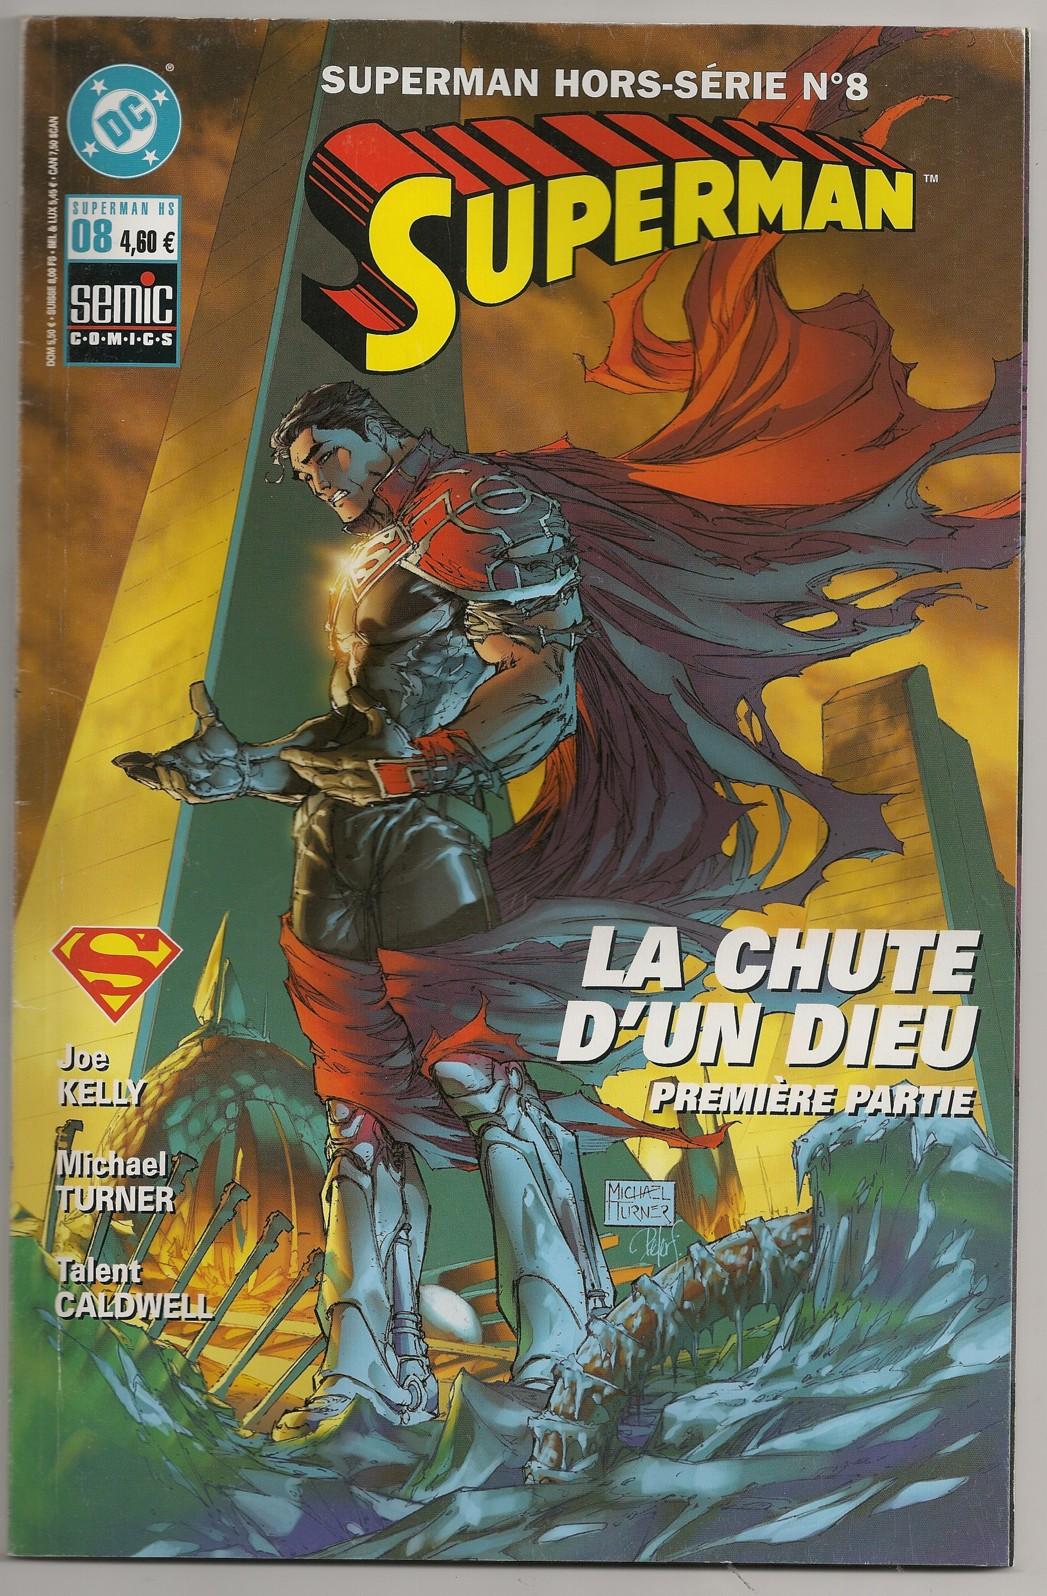 Superman Hors-Série 8 - La chute d'un dieu, première partie